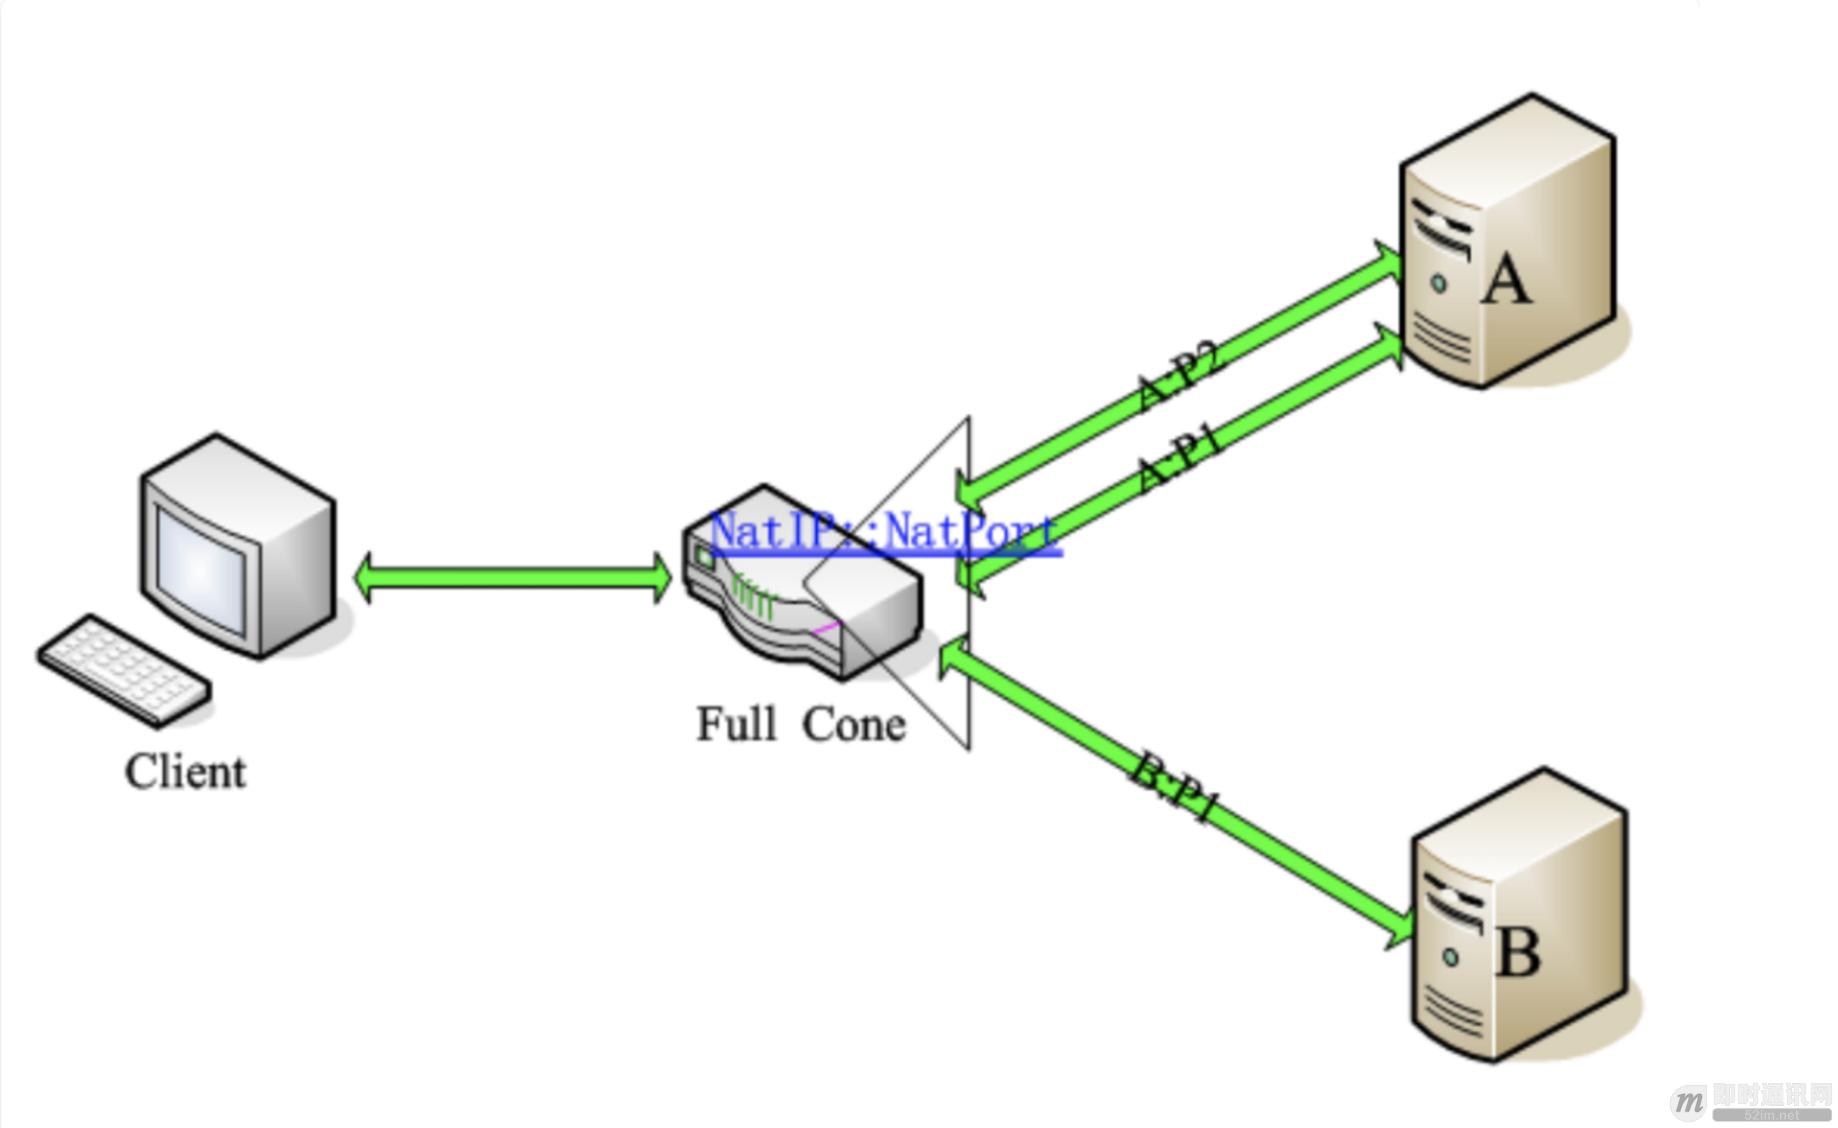 通俗易懂:快速理解P2P技术中的NAT穿透原理_2.png